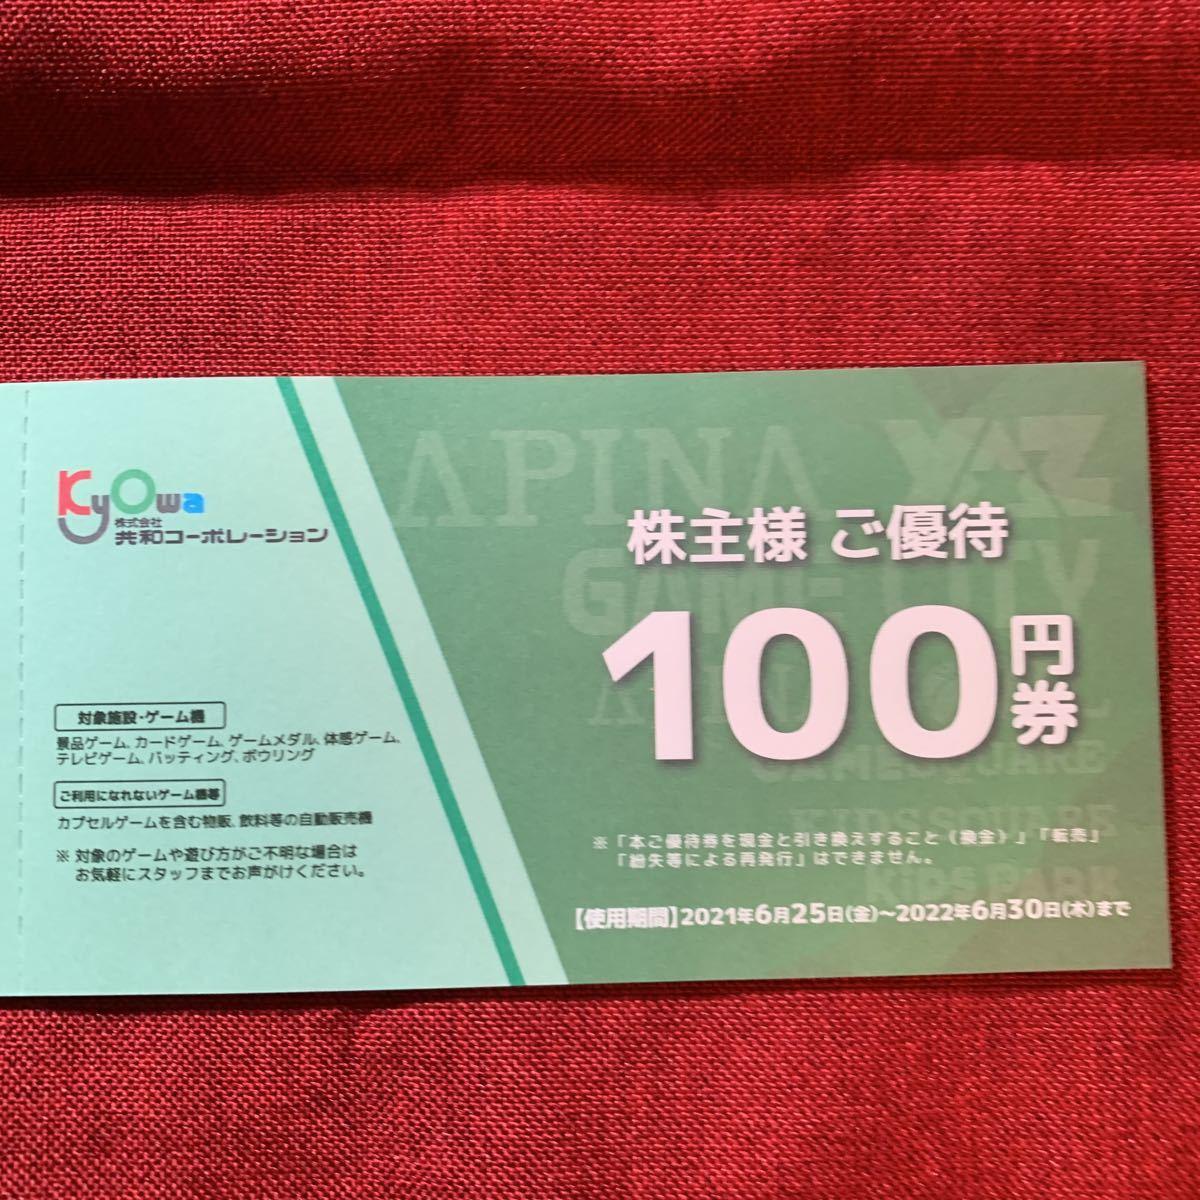 送料無料共和コーポレーション株主優待券100円×10枚 20220630 アピナ ゲームシティ_画像2